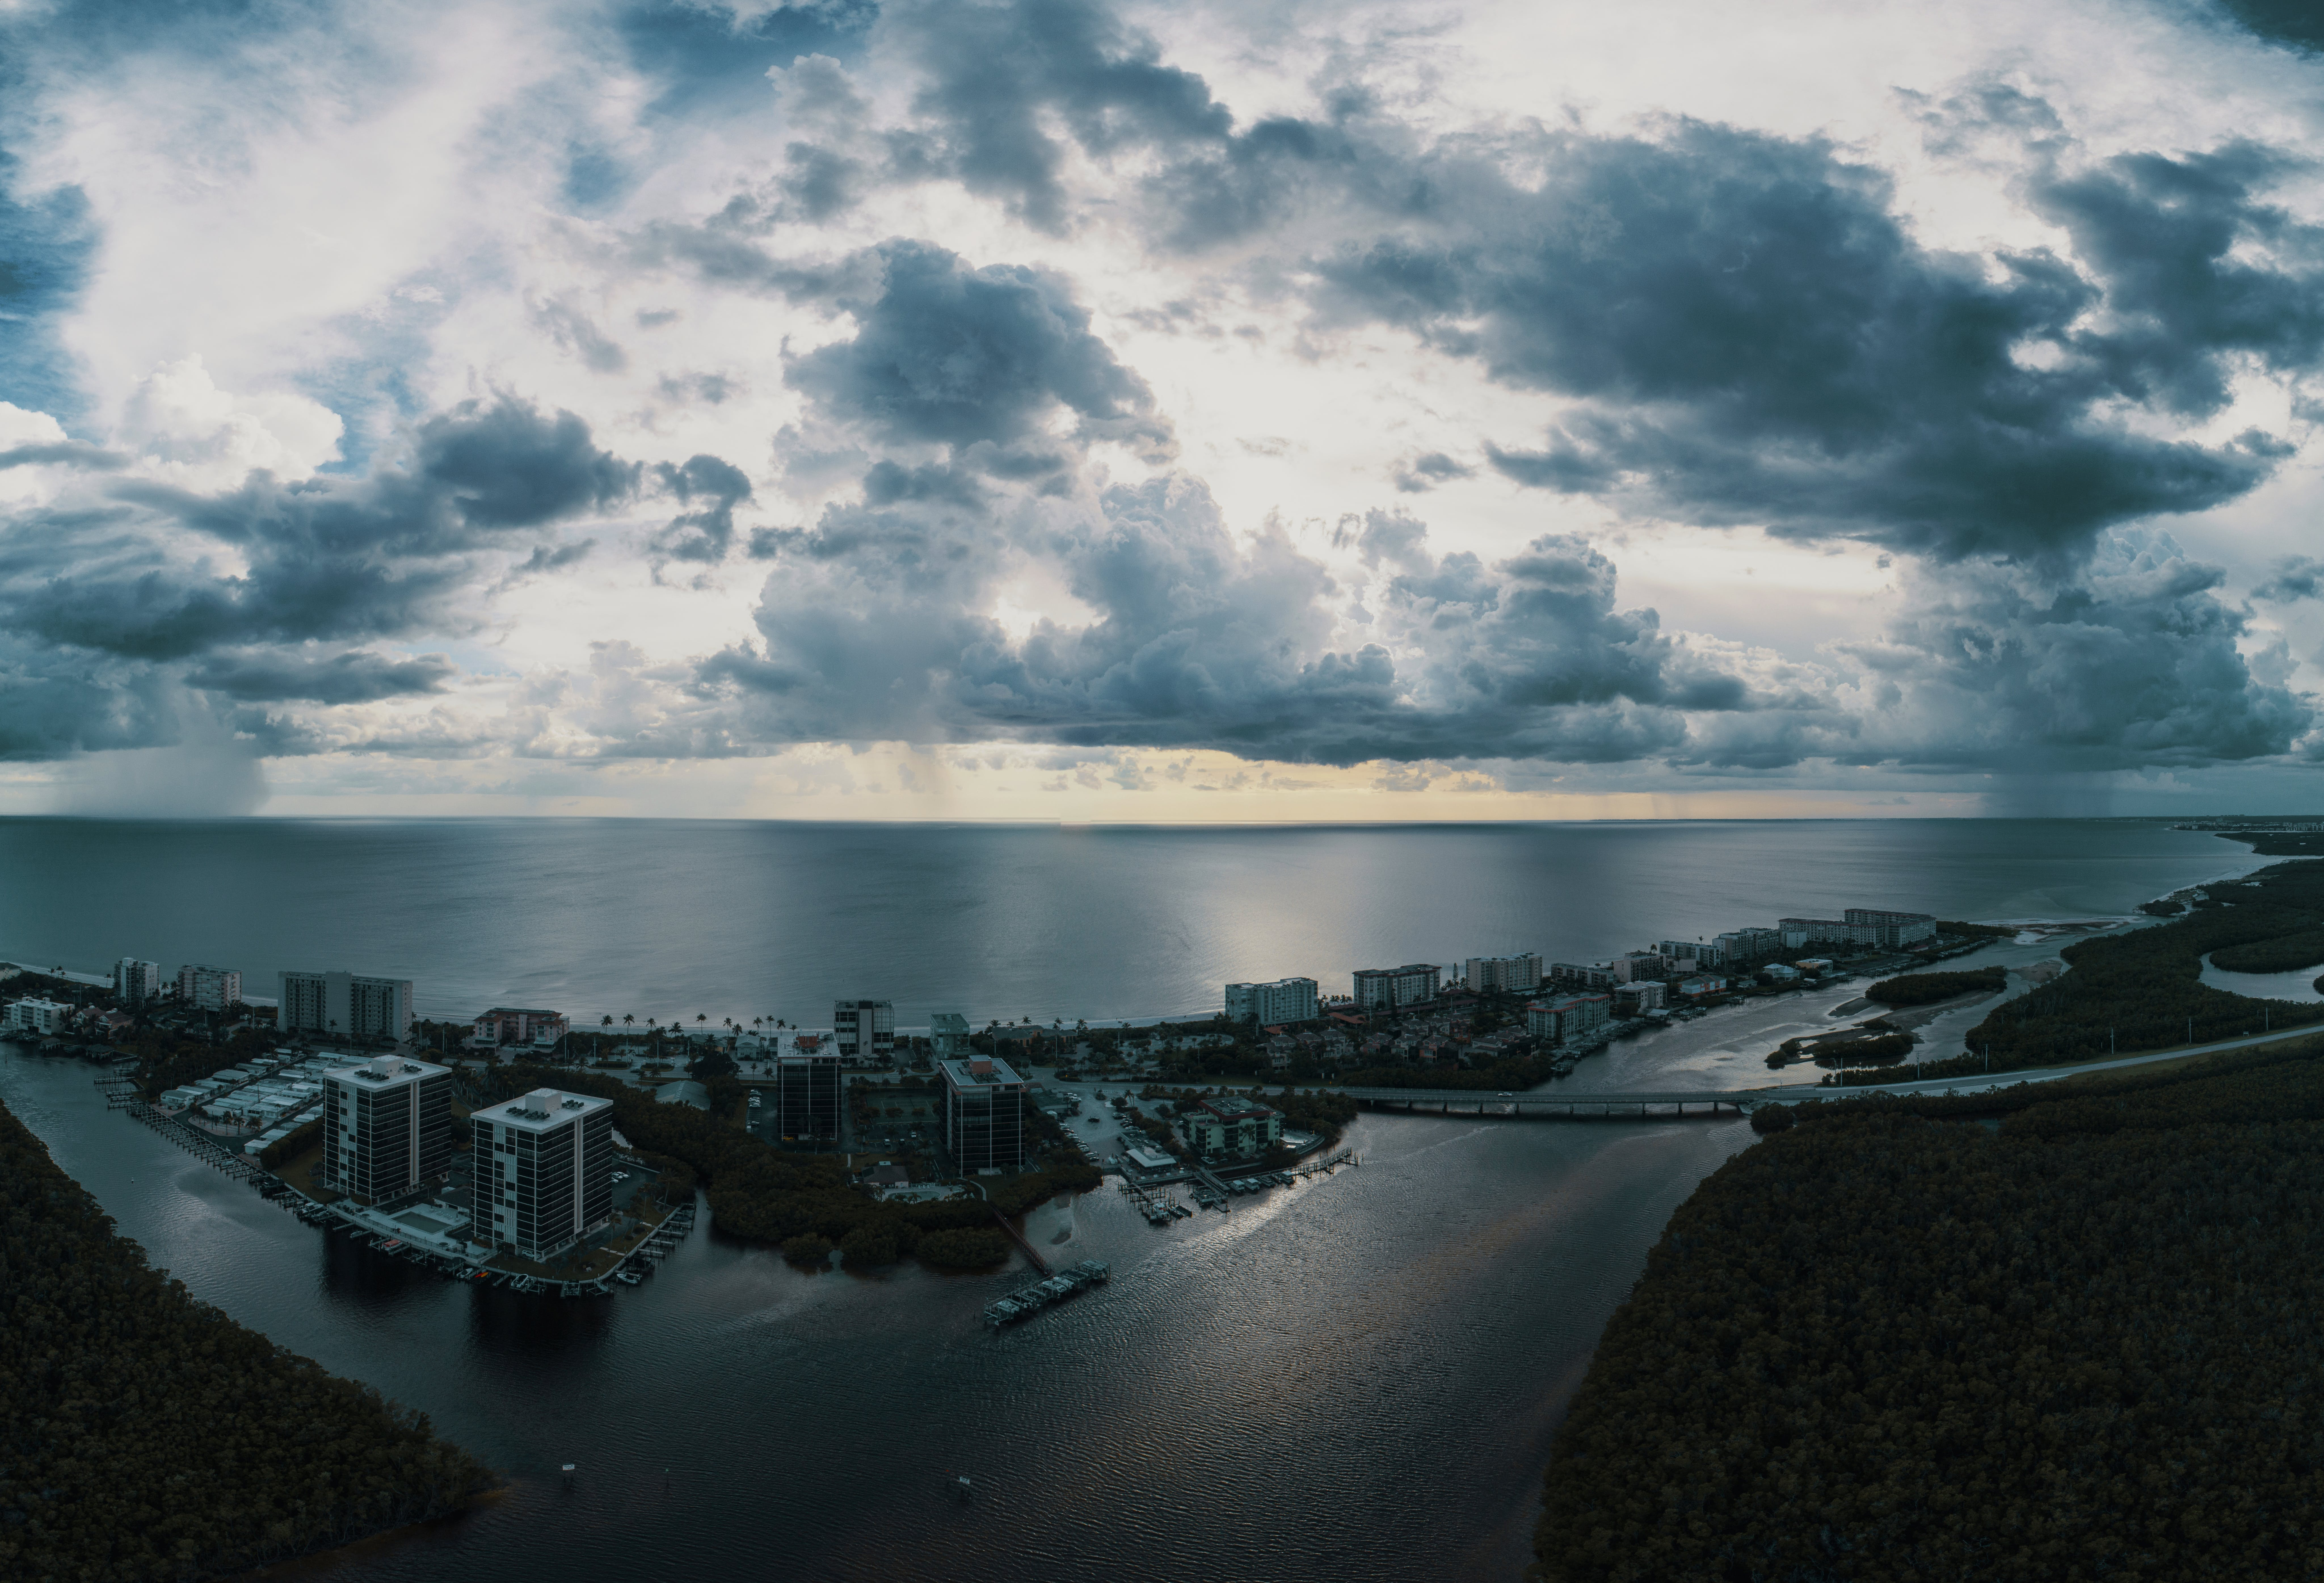 건물, 경치가 좋은, 구름, 구름 경치의 무료 스톡 사진